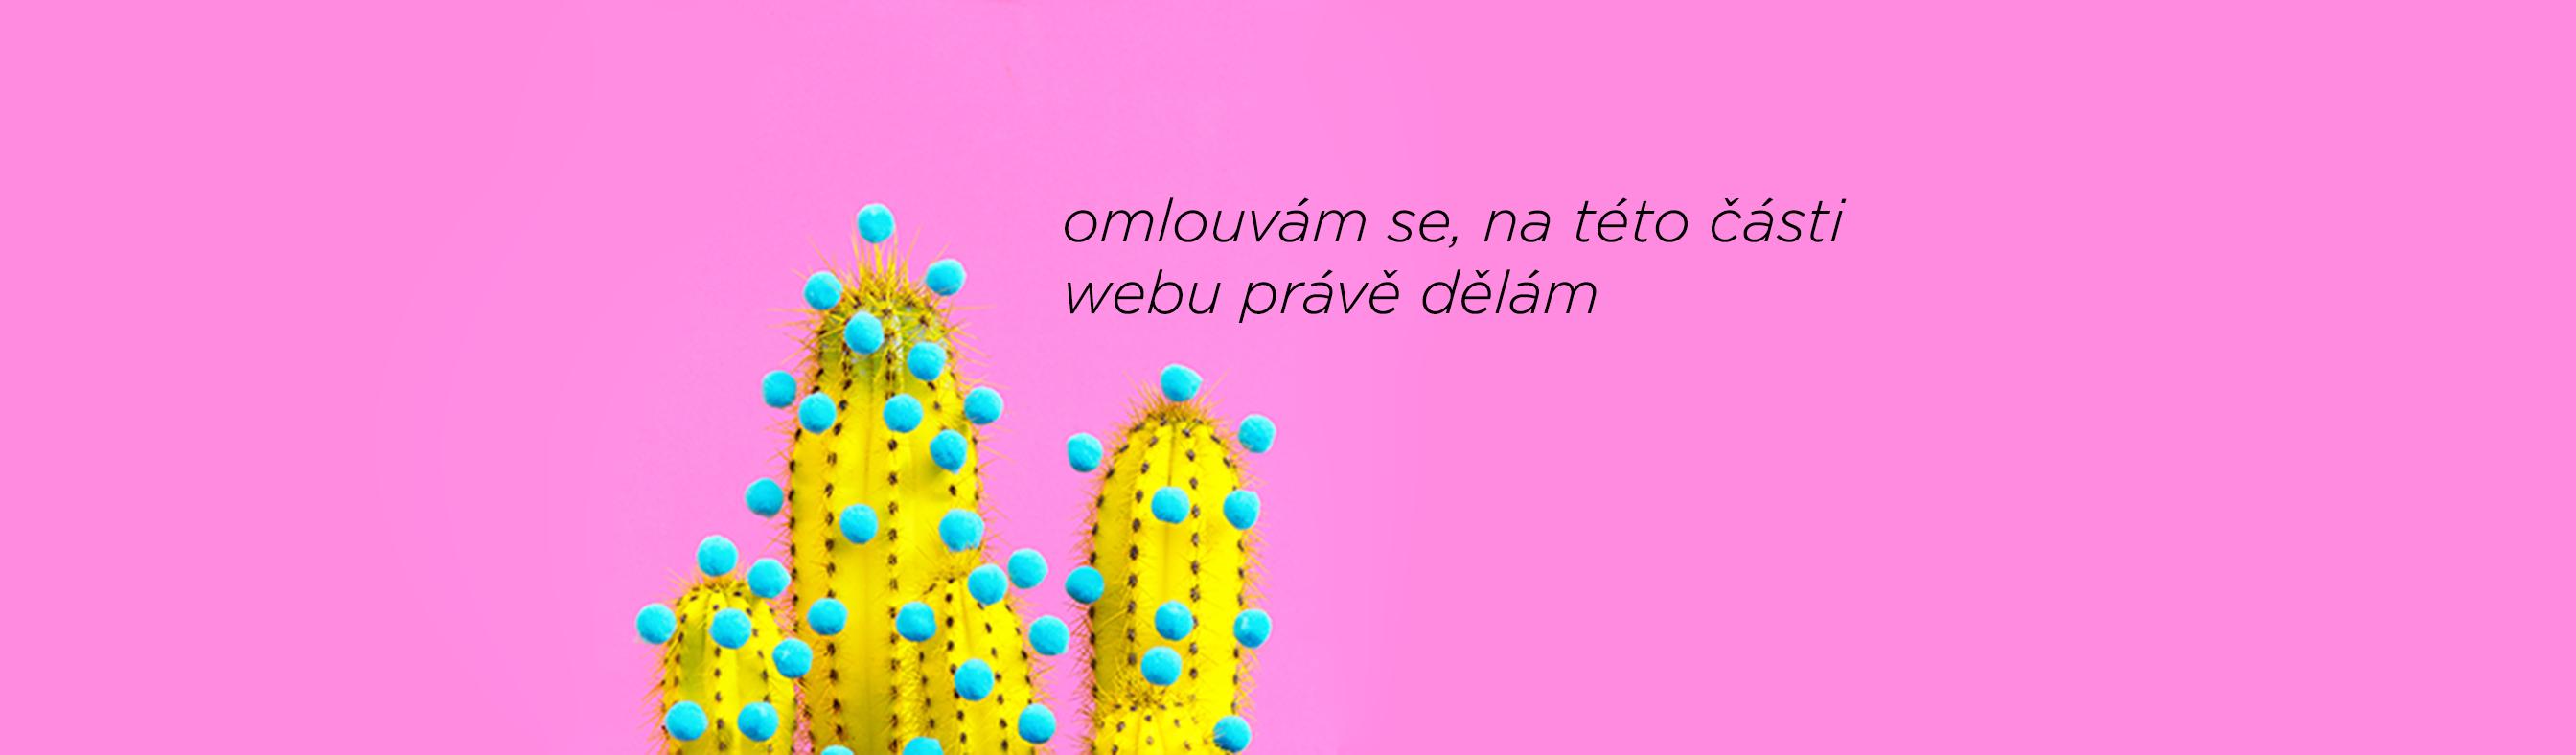 banner portfolio monika aron